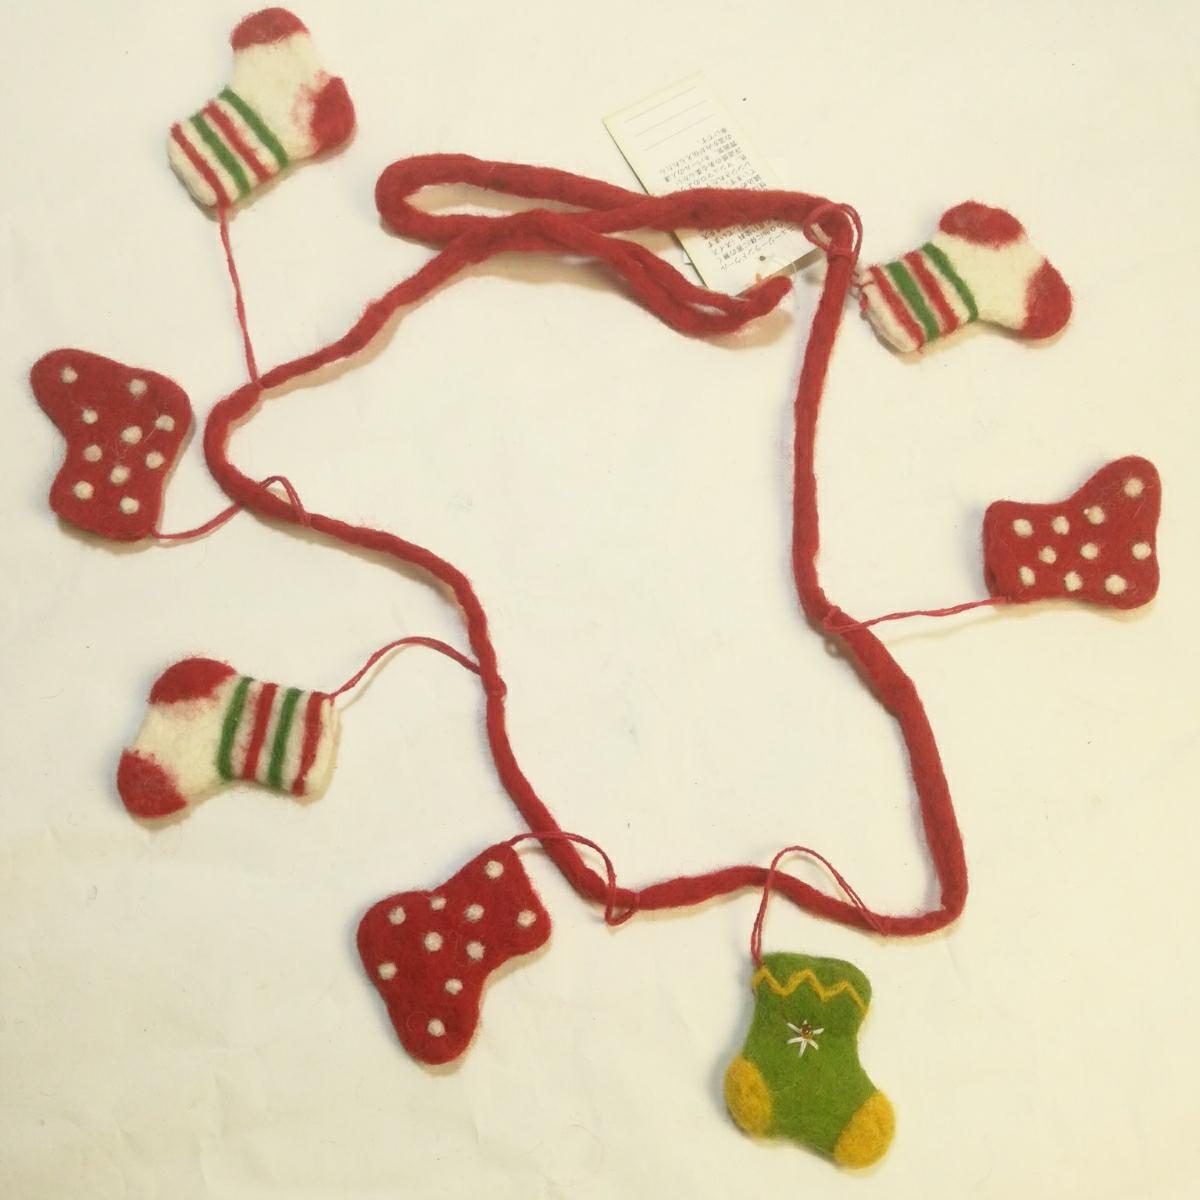 新品ハンドメイド フエルト100%クリスマスオーナメントハンギング メリーMERRY CHRISTMAS 長さ100ソックス6cmツリープレゼント値下げセール_画像1